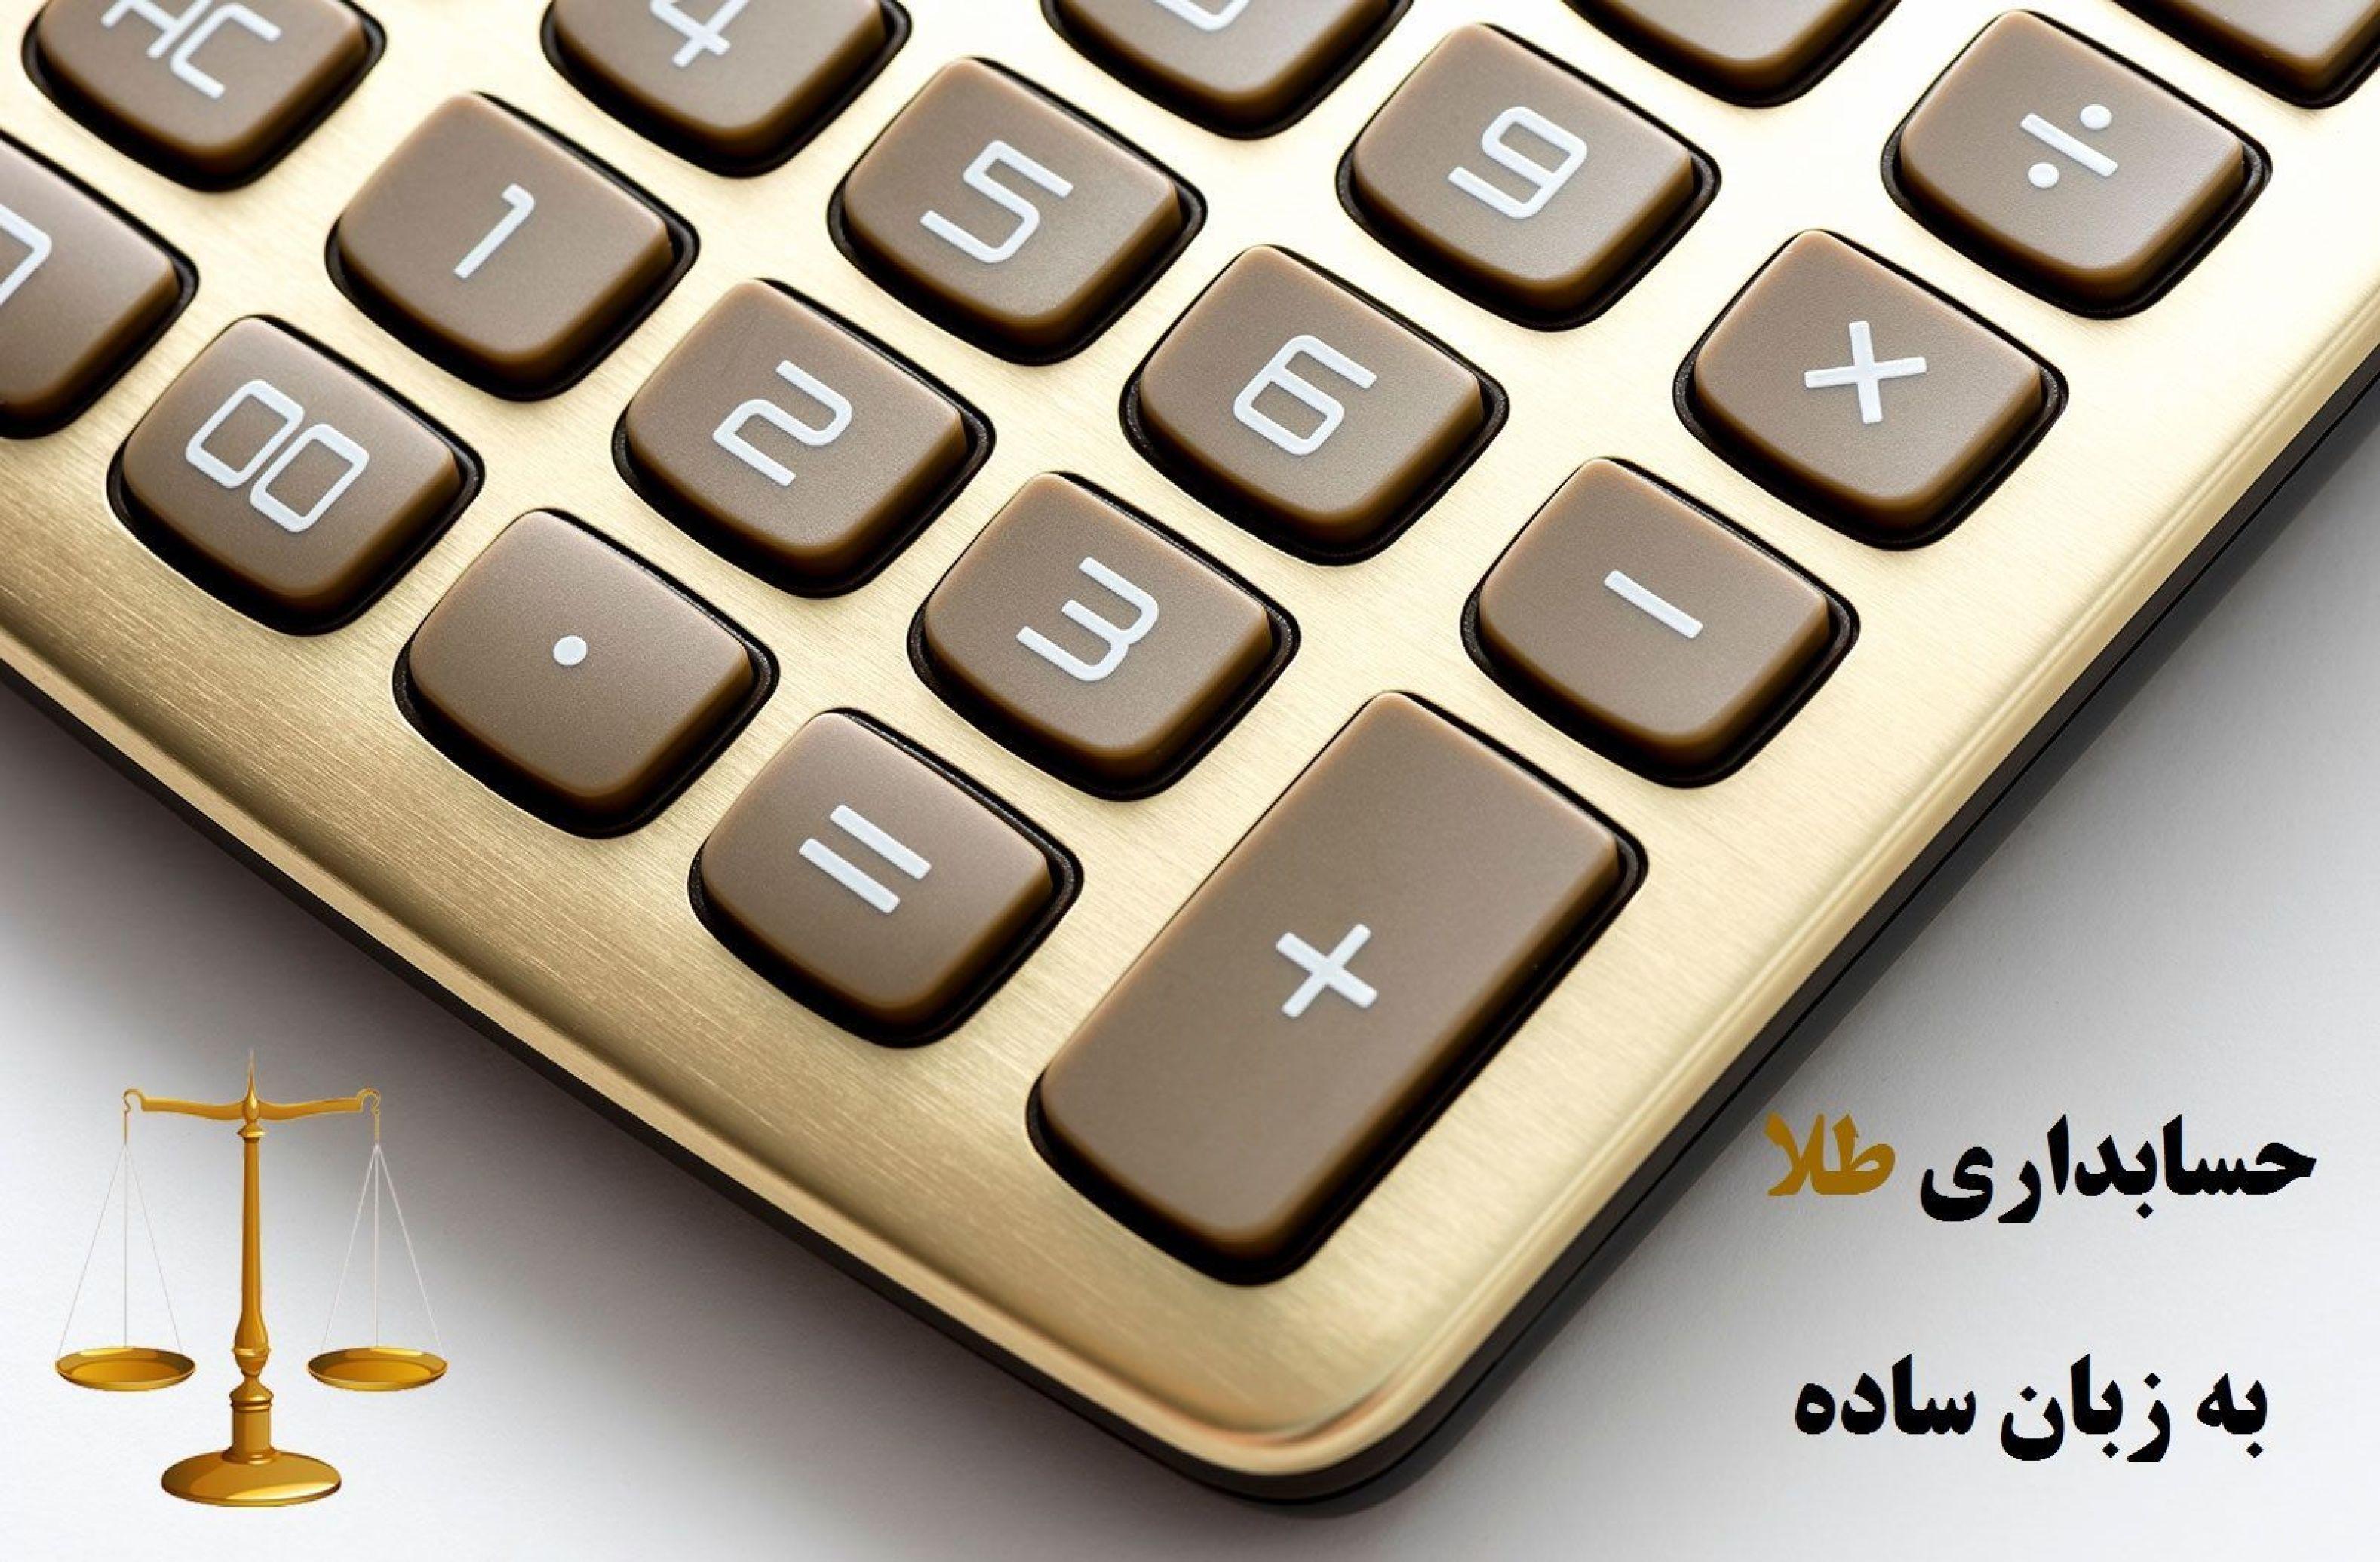 حسابداری و محاسبات طلا به زبان ساده